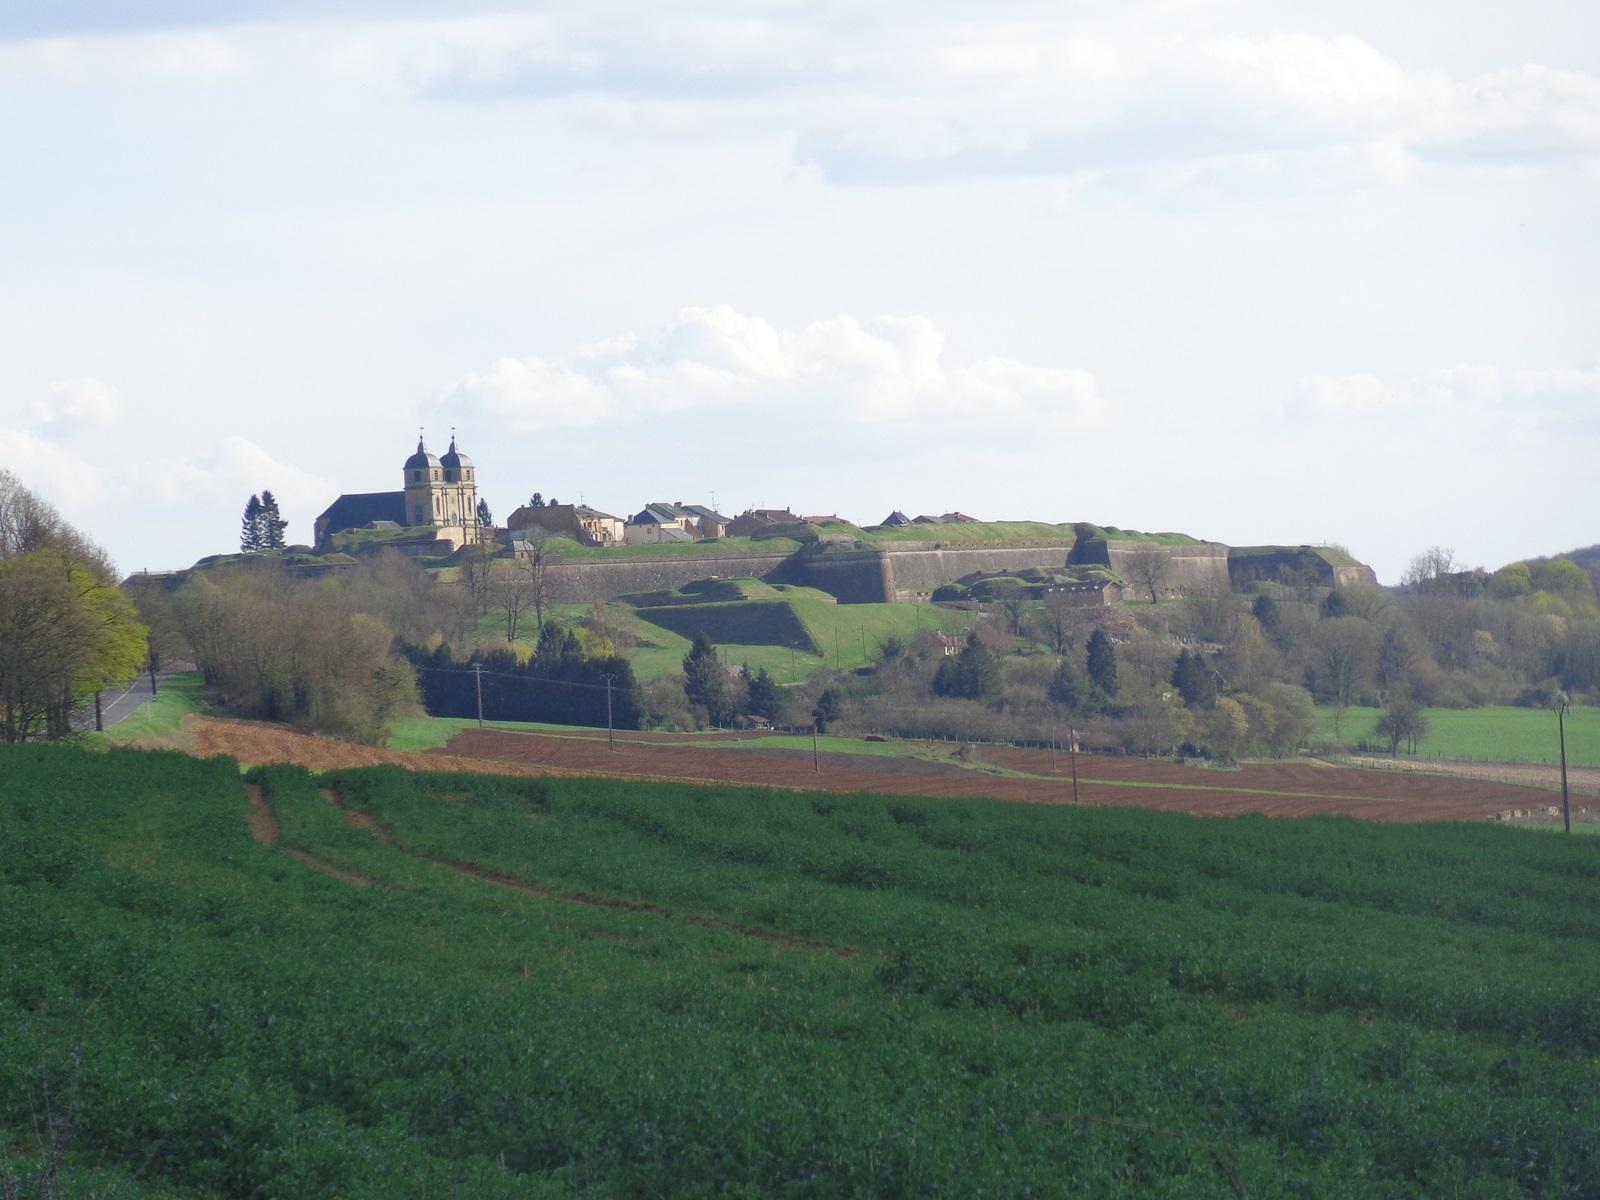 La citadelle Vauban (classé à l'UNESCO) de Montmédy. Dans la commune, une gare SNCF (desserte TER) et un centre pénitentiaire.